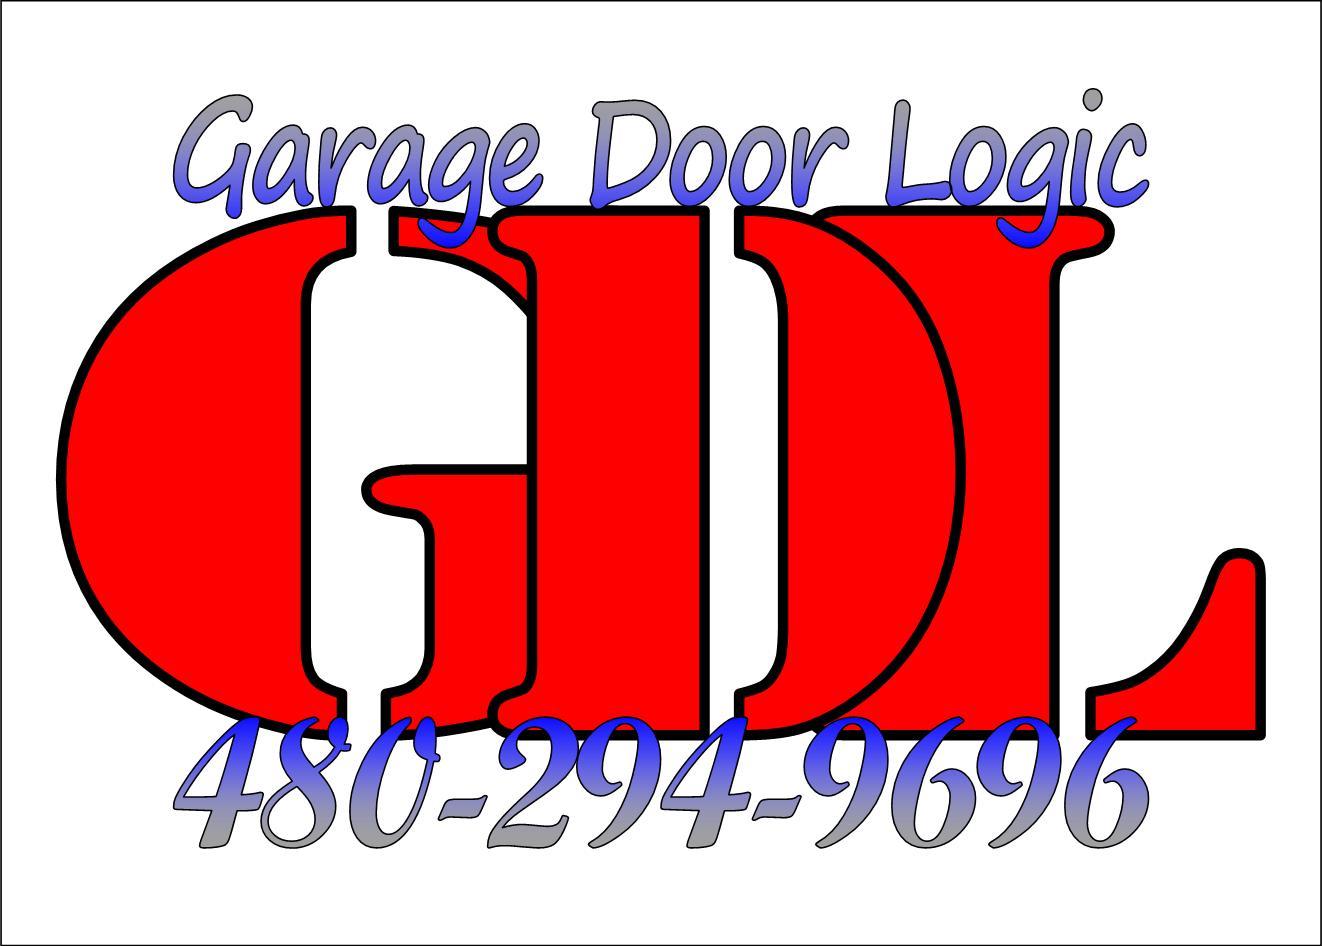 Garage Door Logic